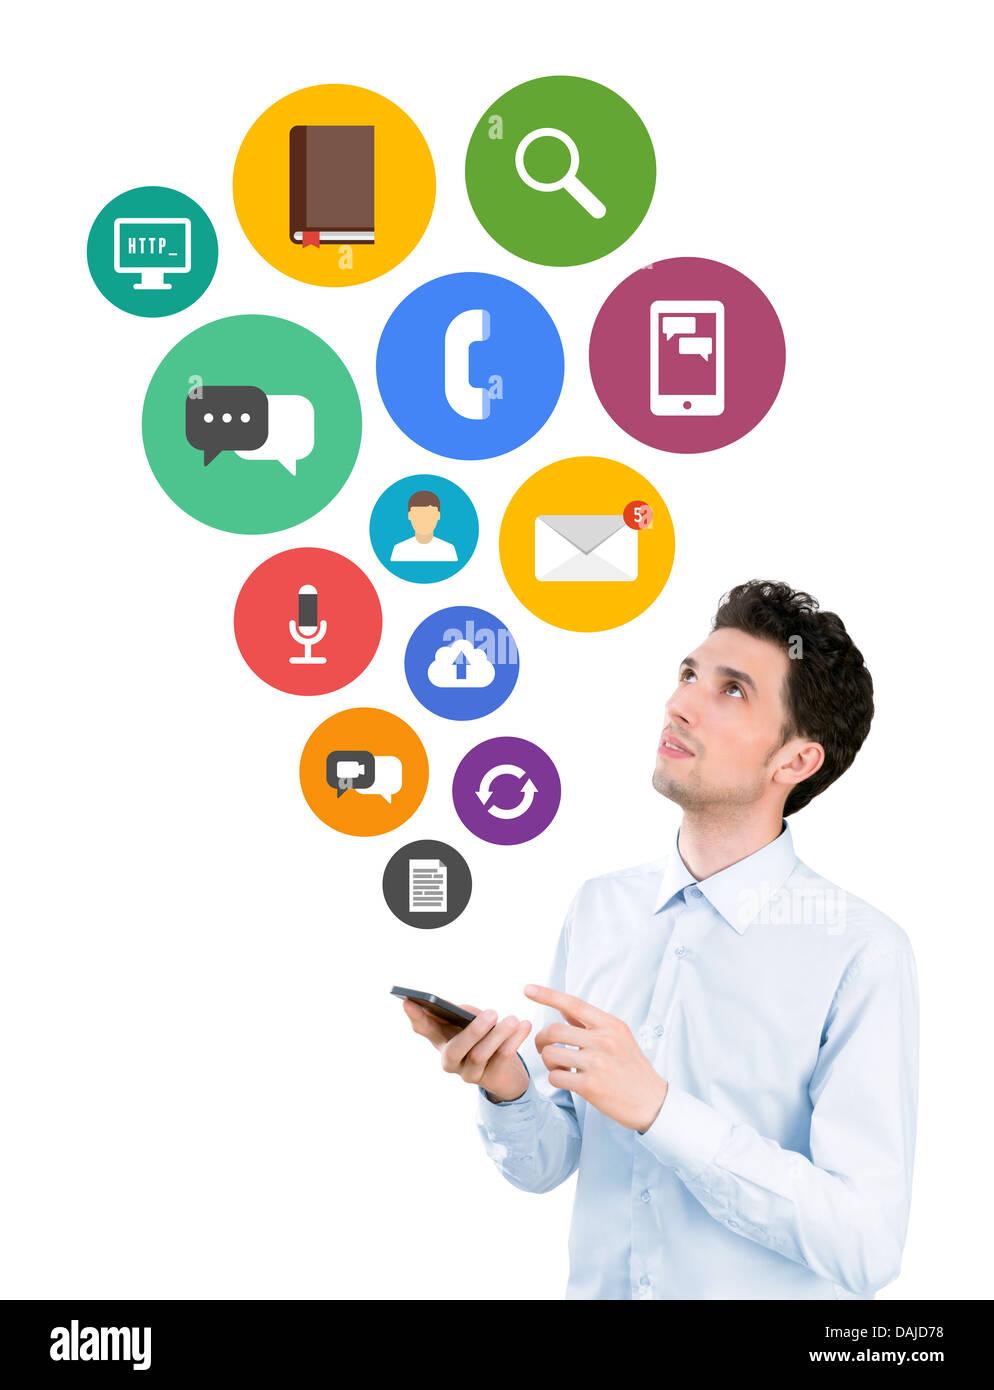 Uomo con smartphone e cercando su mobili colorati delle icone delle applicazioni sulla comunicazione e connessione Immagini Stock